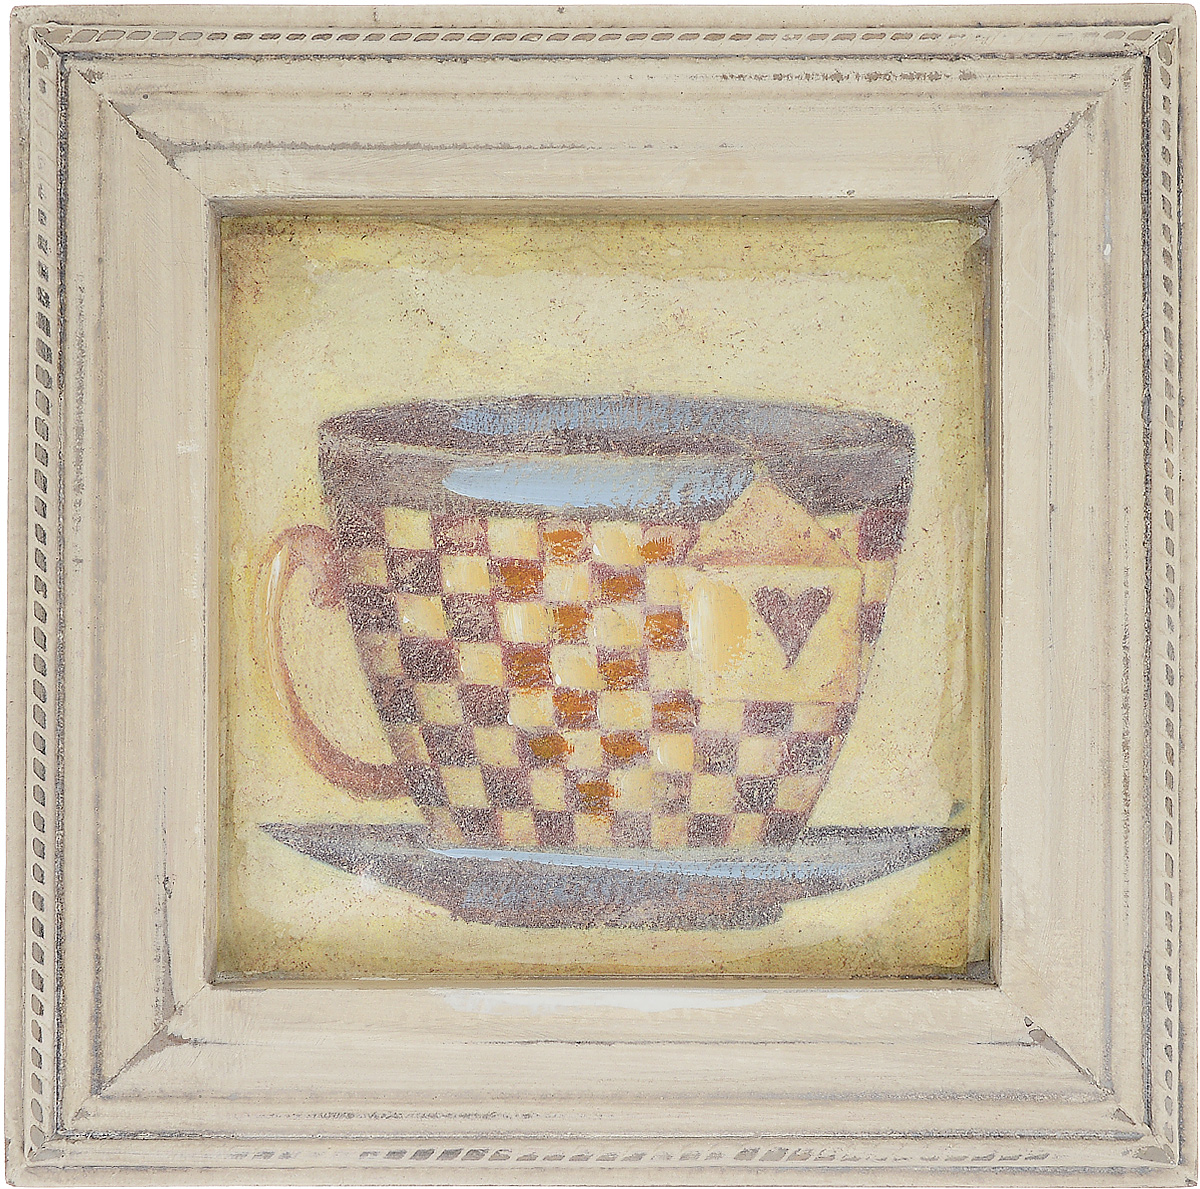 Картина-репродукция Феникс-Презент Чашка чая, 23,5 х 23,5 х 2 см44441Картина-репродукция Феникс-презент Чашка чая в рамке из МДФ выполнена печатью на бумаге с ручной подрисовкой. На оборотной стороне имеется петля для подвешивания на стену.Такая картина - вдохновляющее декоративное решение, привносящее в интерьер нотки творчества и изысканности! Благодаря оригинальному дизайну картина Чашка чая дополнит интерьер любого помещения, а также сможет стать изысканным подарком для ваших друзей и близких.